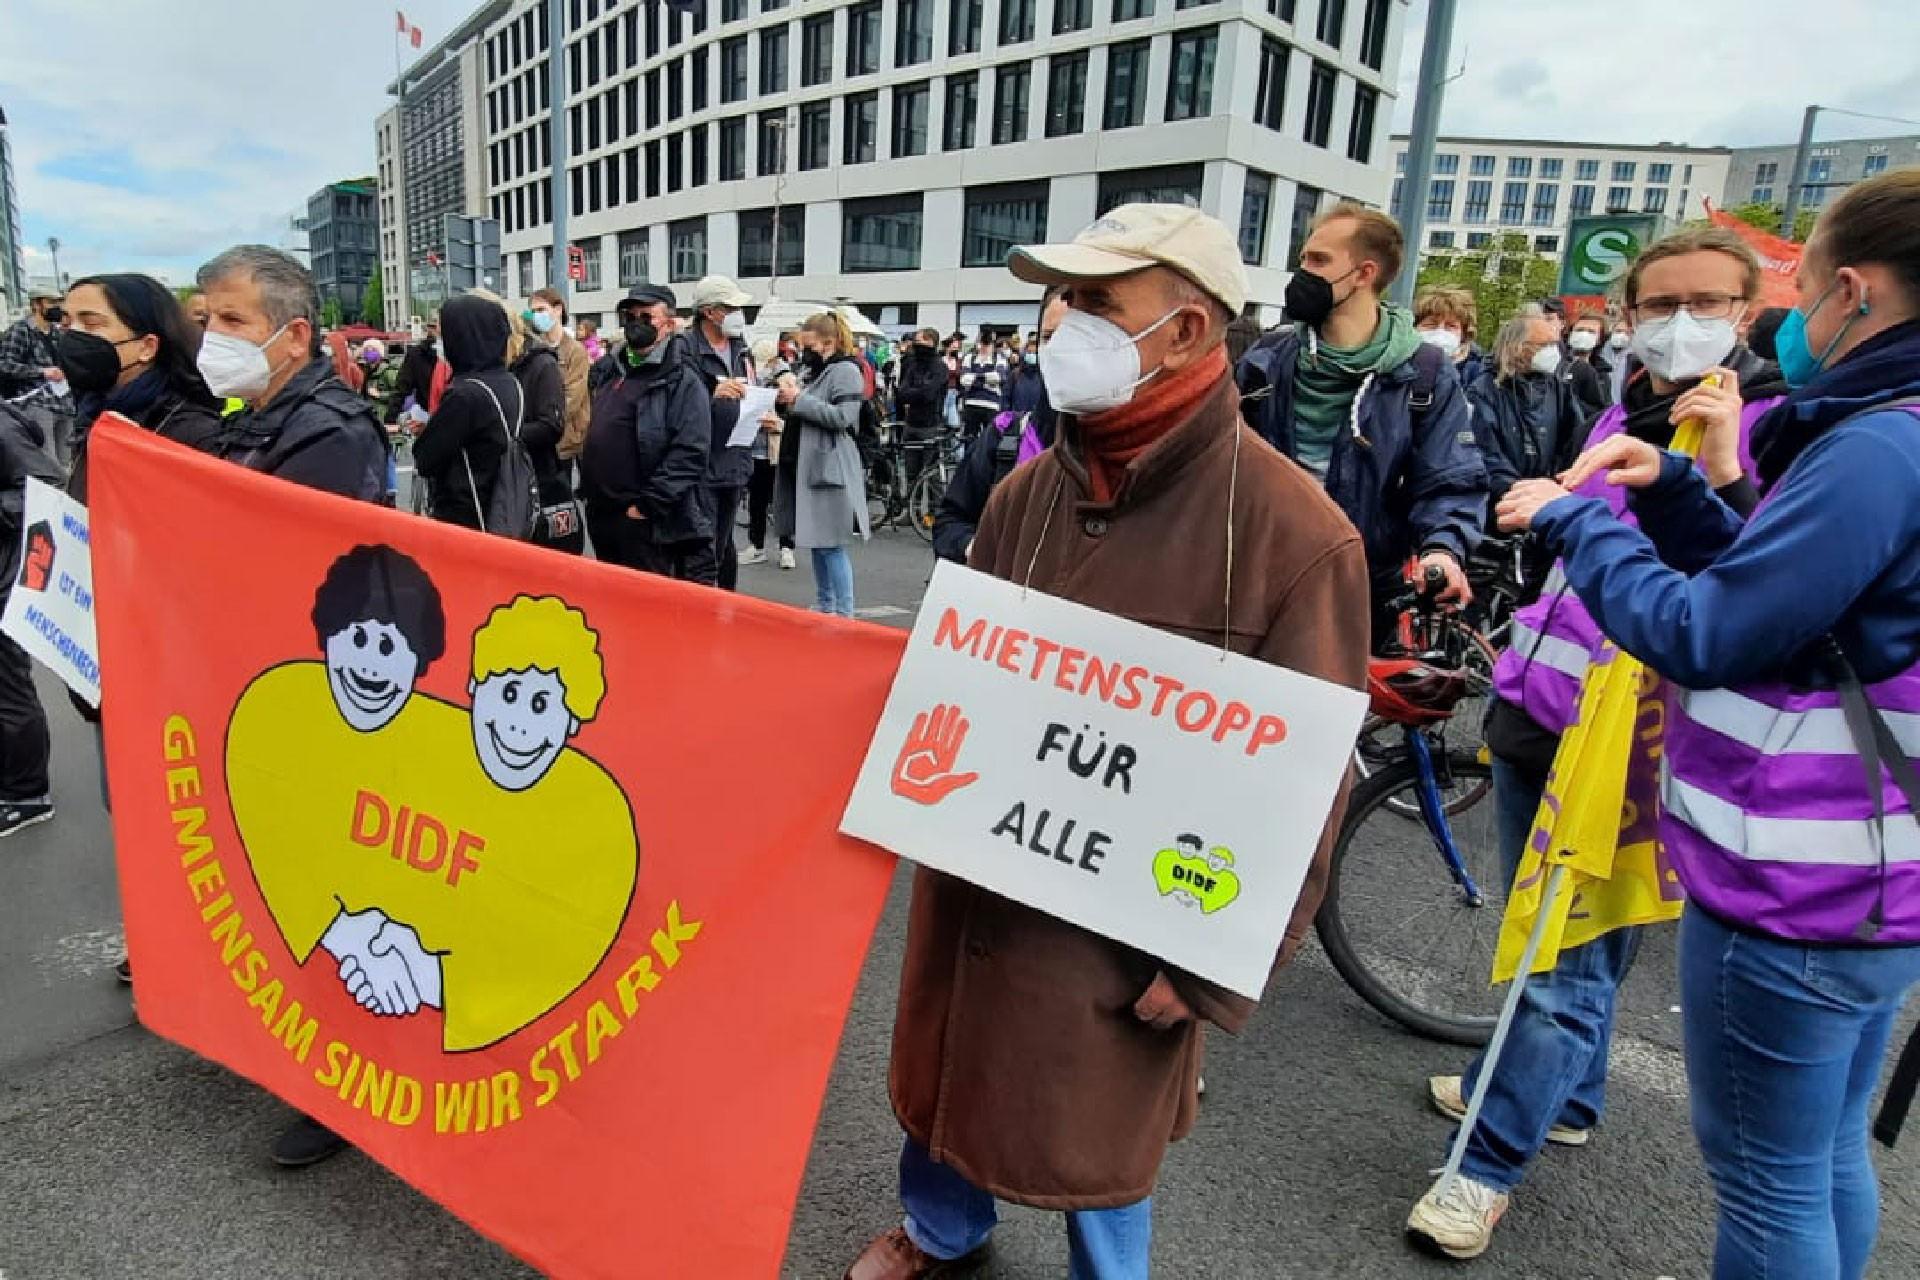 Berlin'de binlerce kişi özel konutların kamulaştırılması talebiyle eylem yaptı